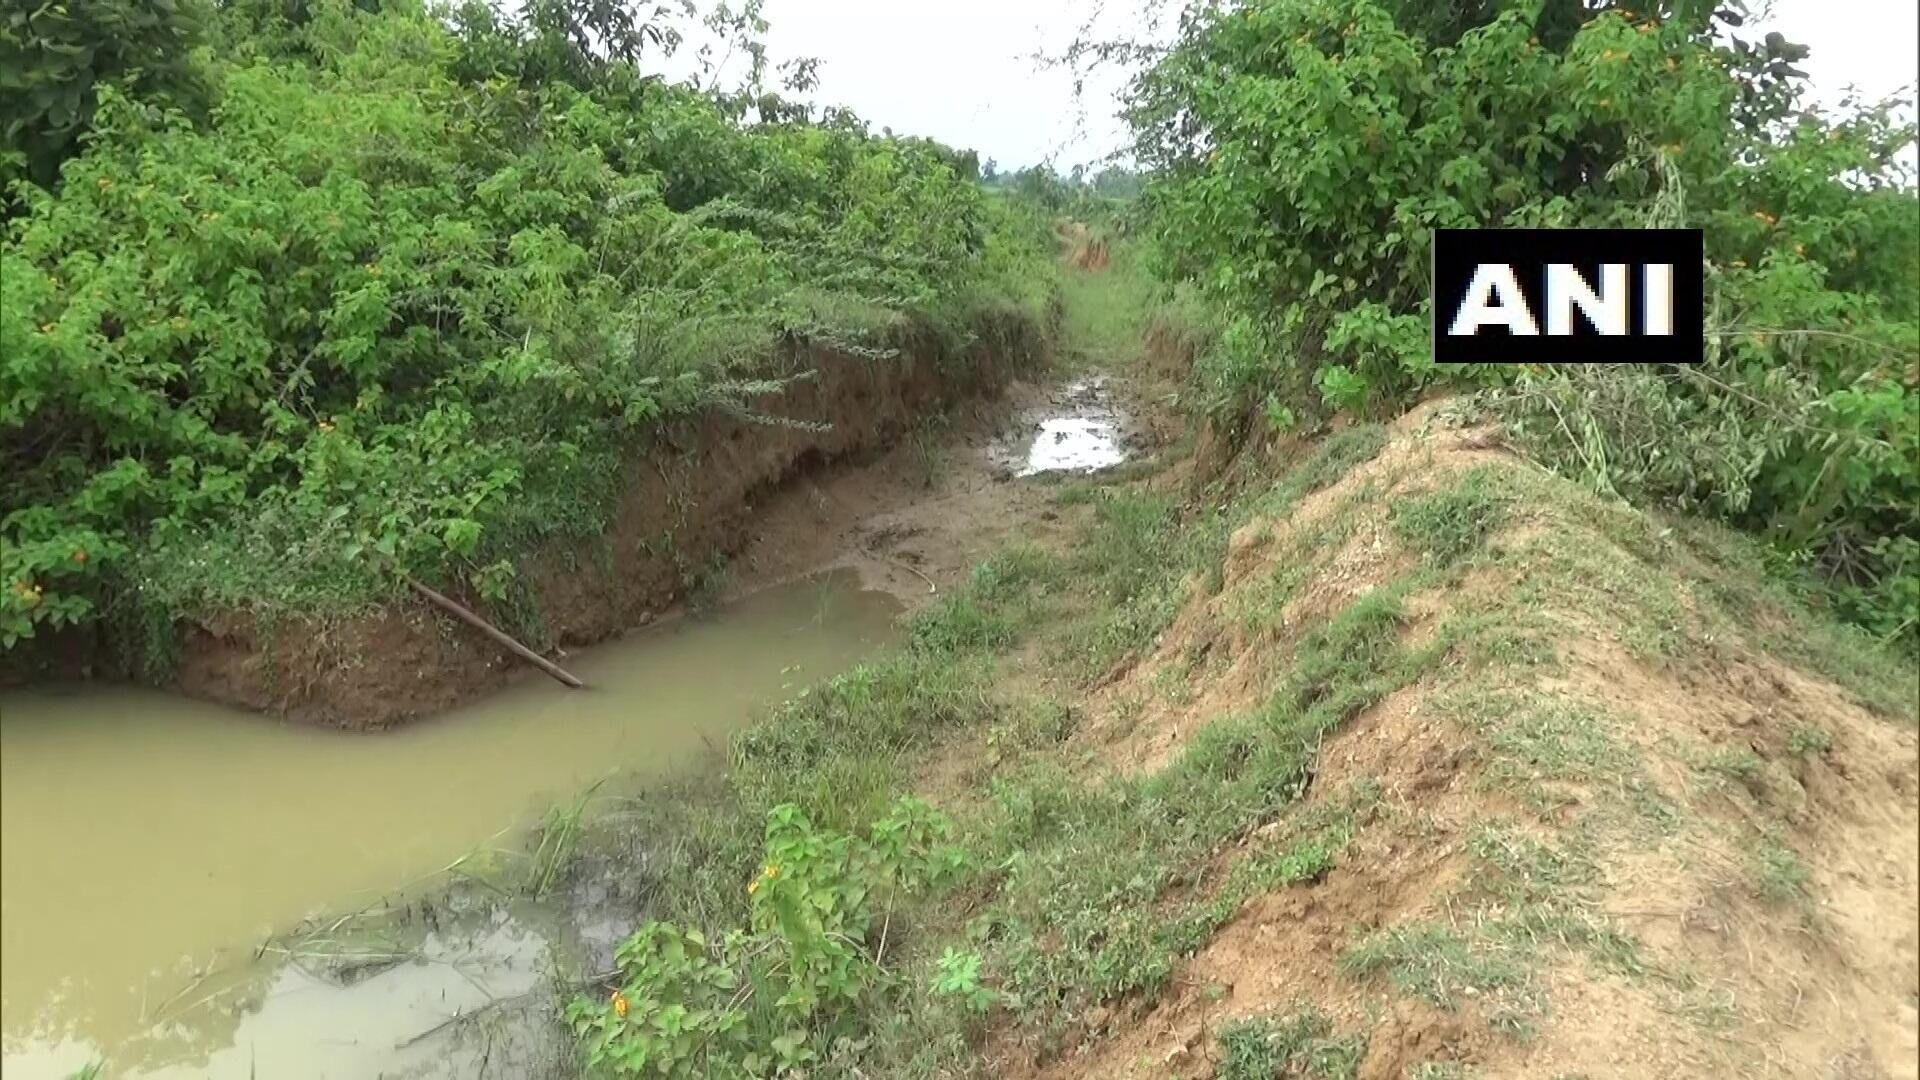 印度男子花30年挖3公里长水渠,从山上引水到村里